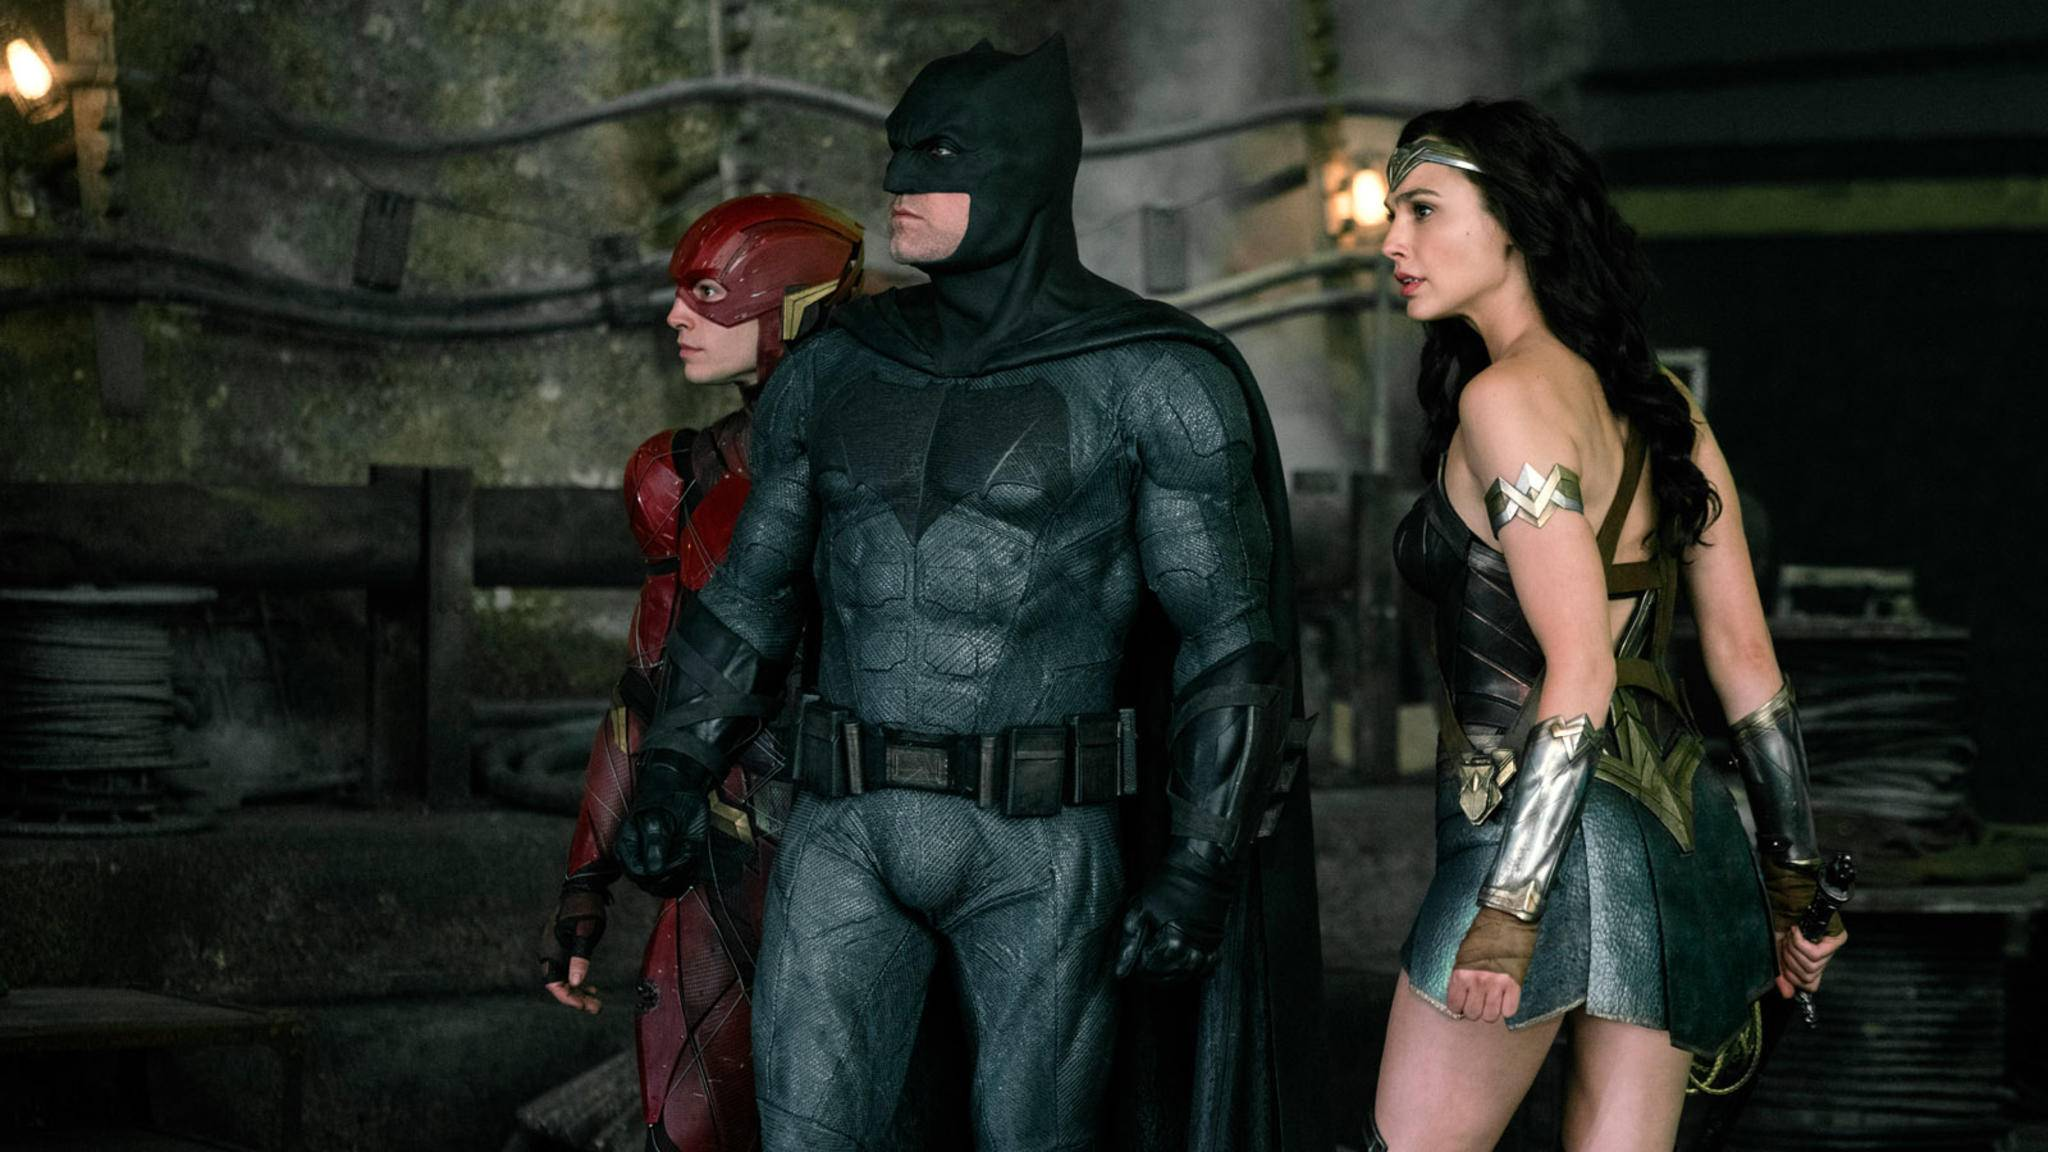 Ein Sequel rund um Batman, Wonder Woman und Co. soll anscheinend nicht lange auf sich warten lassen.